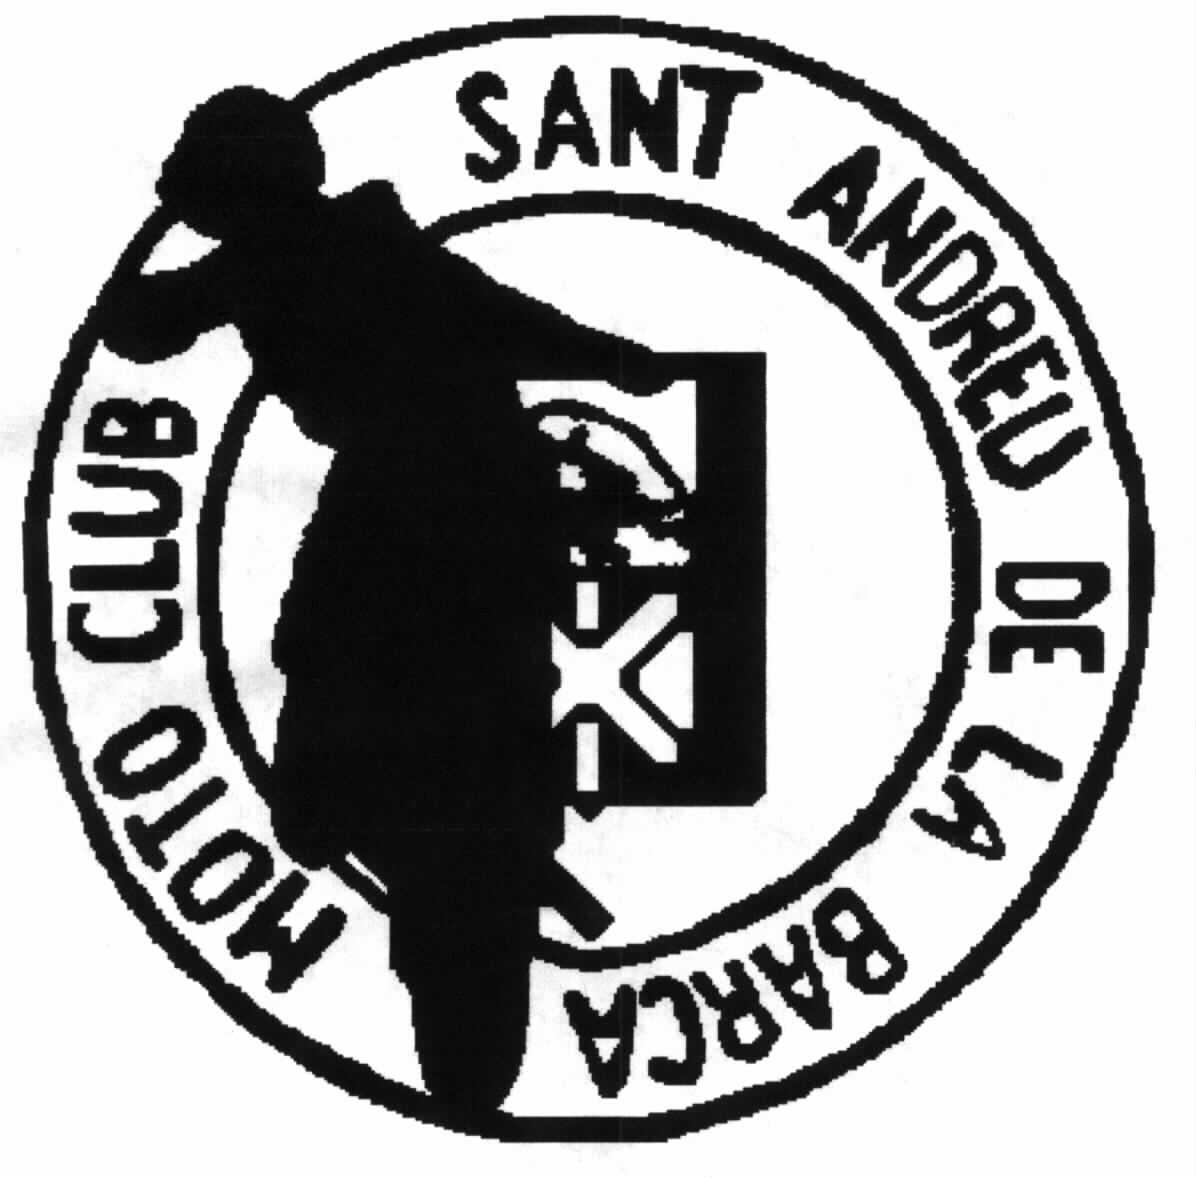 Moto Club SAB